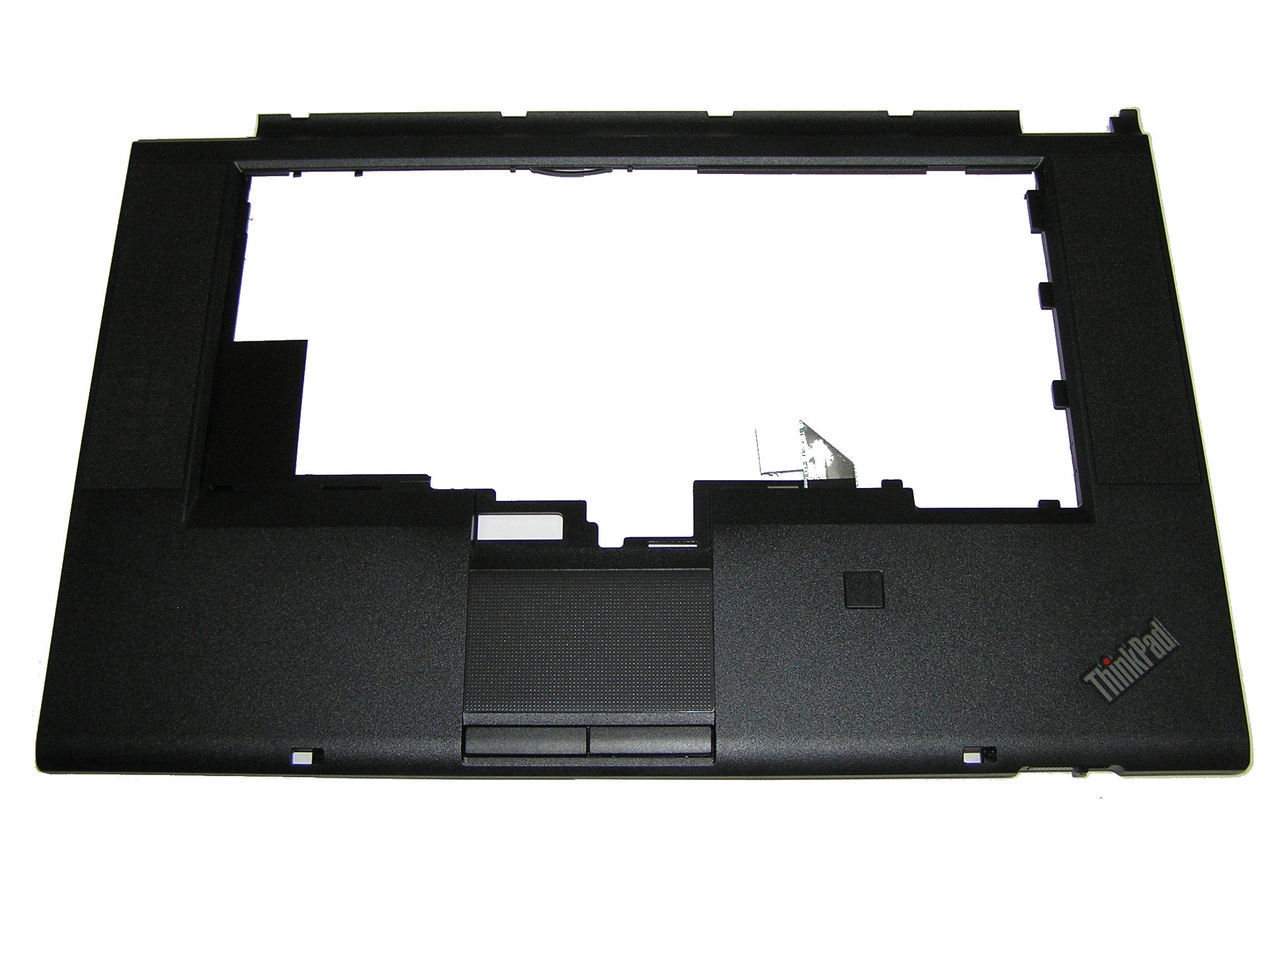 New Genuine Lenovo ThinkPad L440 Series Bottom Base Cover 6M.4LGCS.004 04X4828